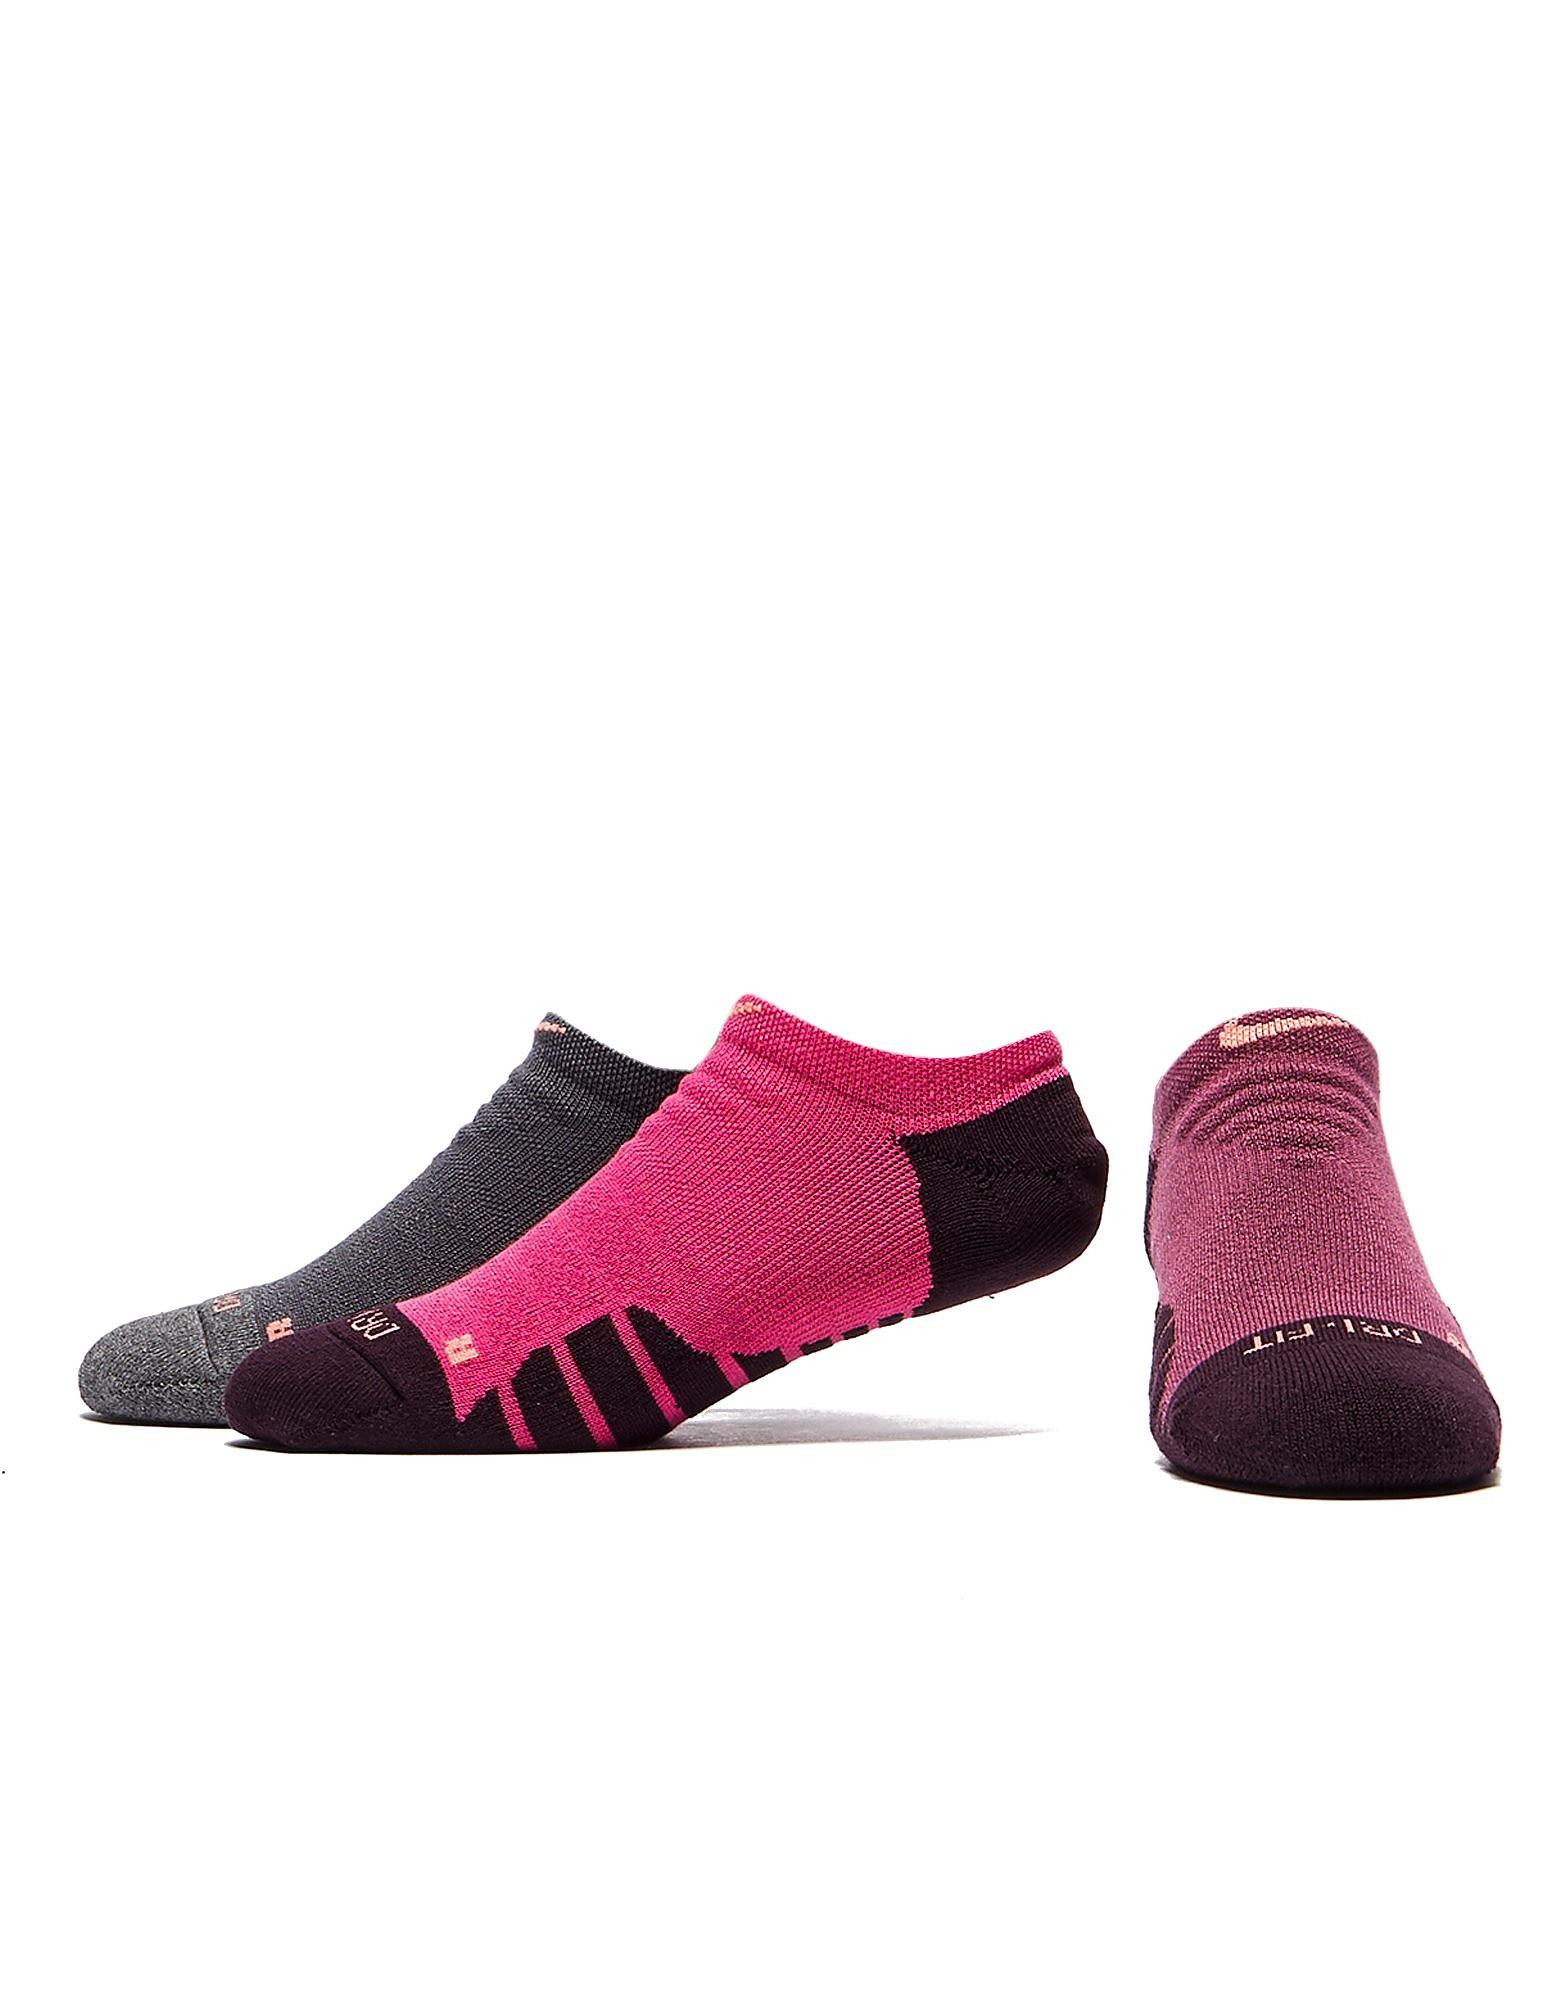 Nike Three Pack No Show Running Socks